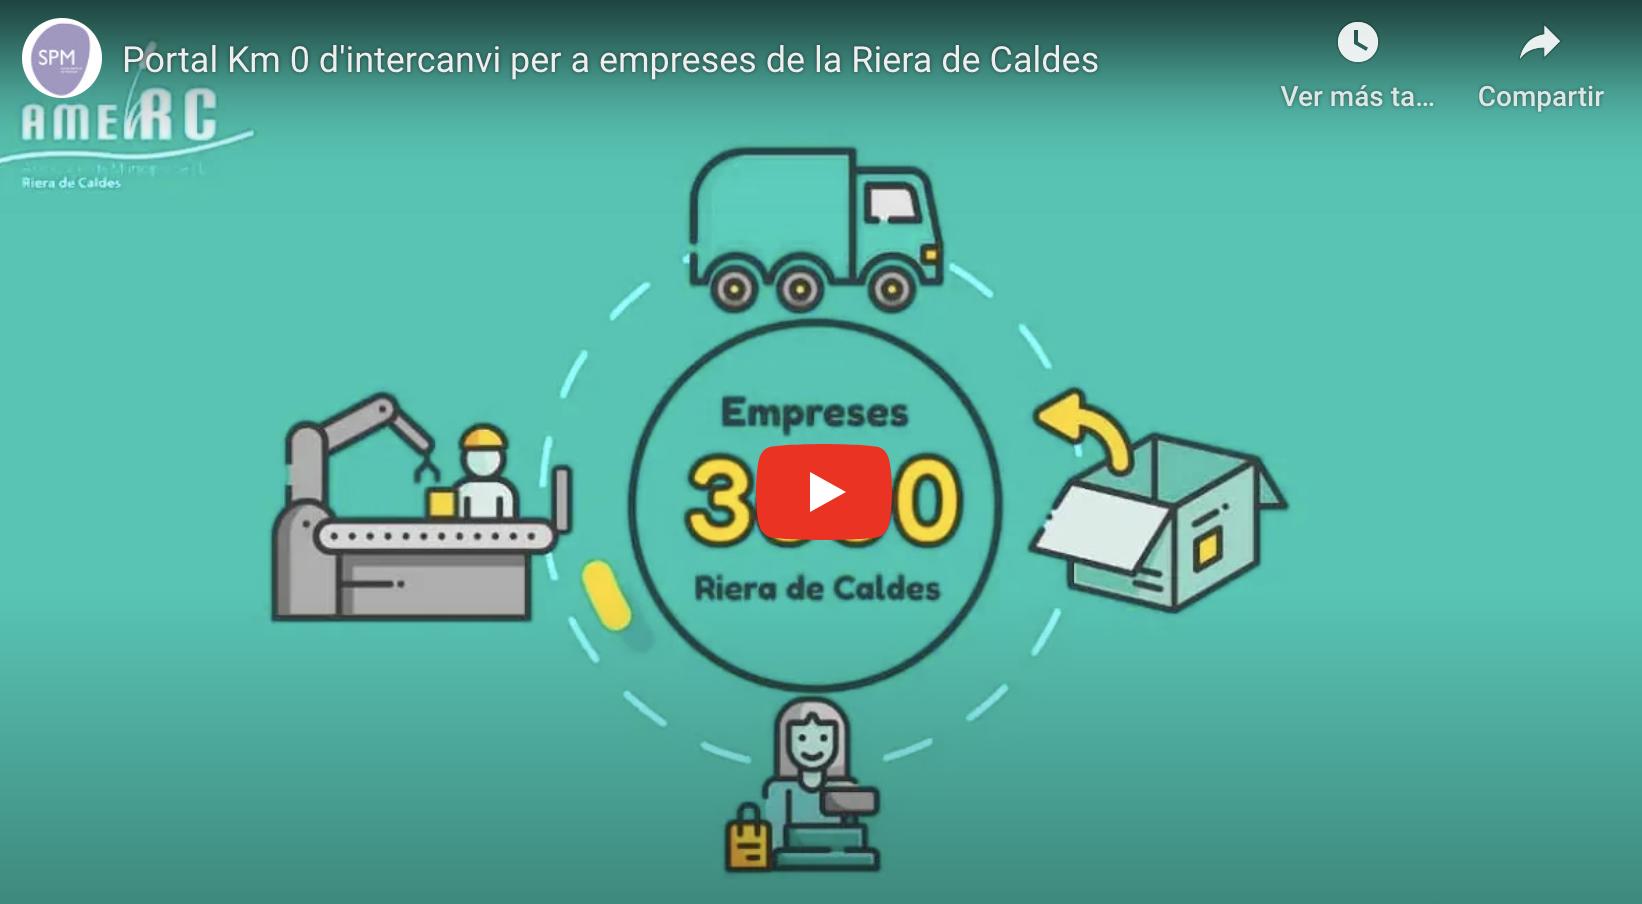 Video Portal Km 0 d'intercanvi per empreses Riera de Caldes